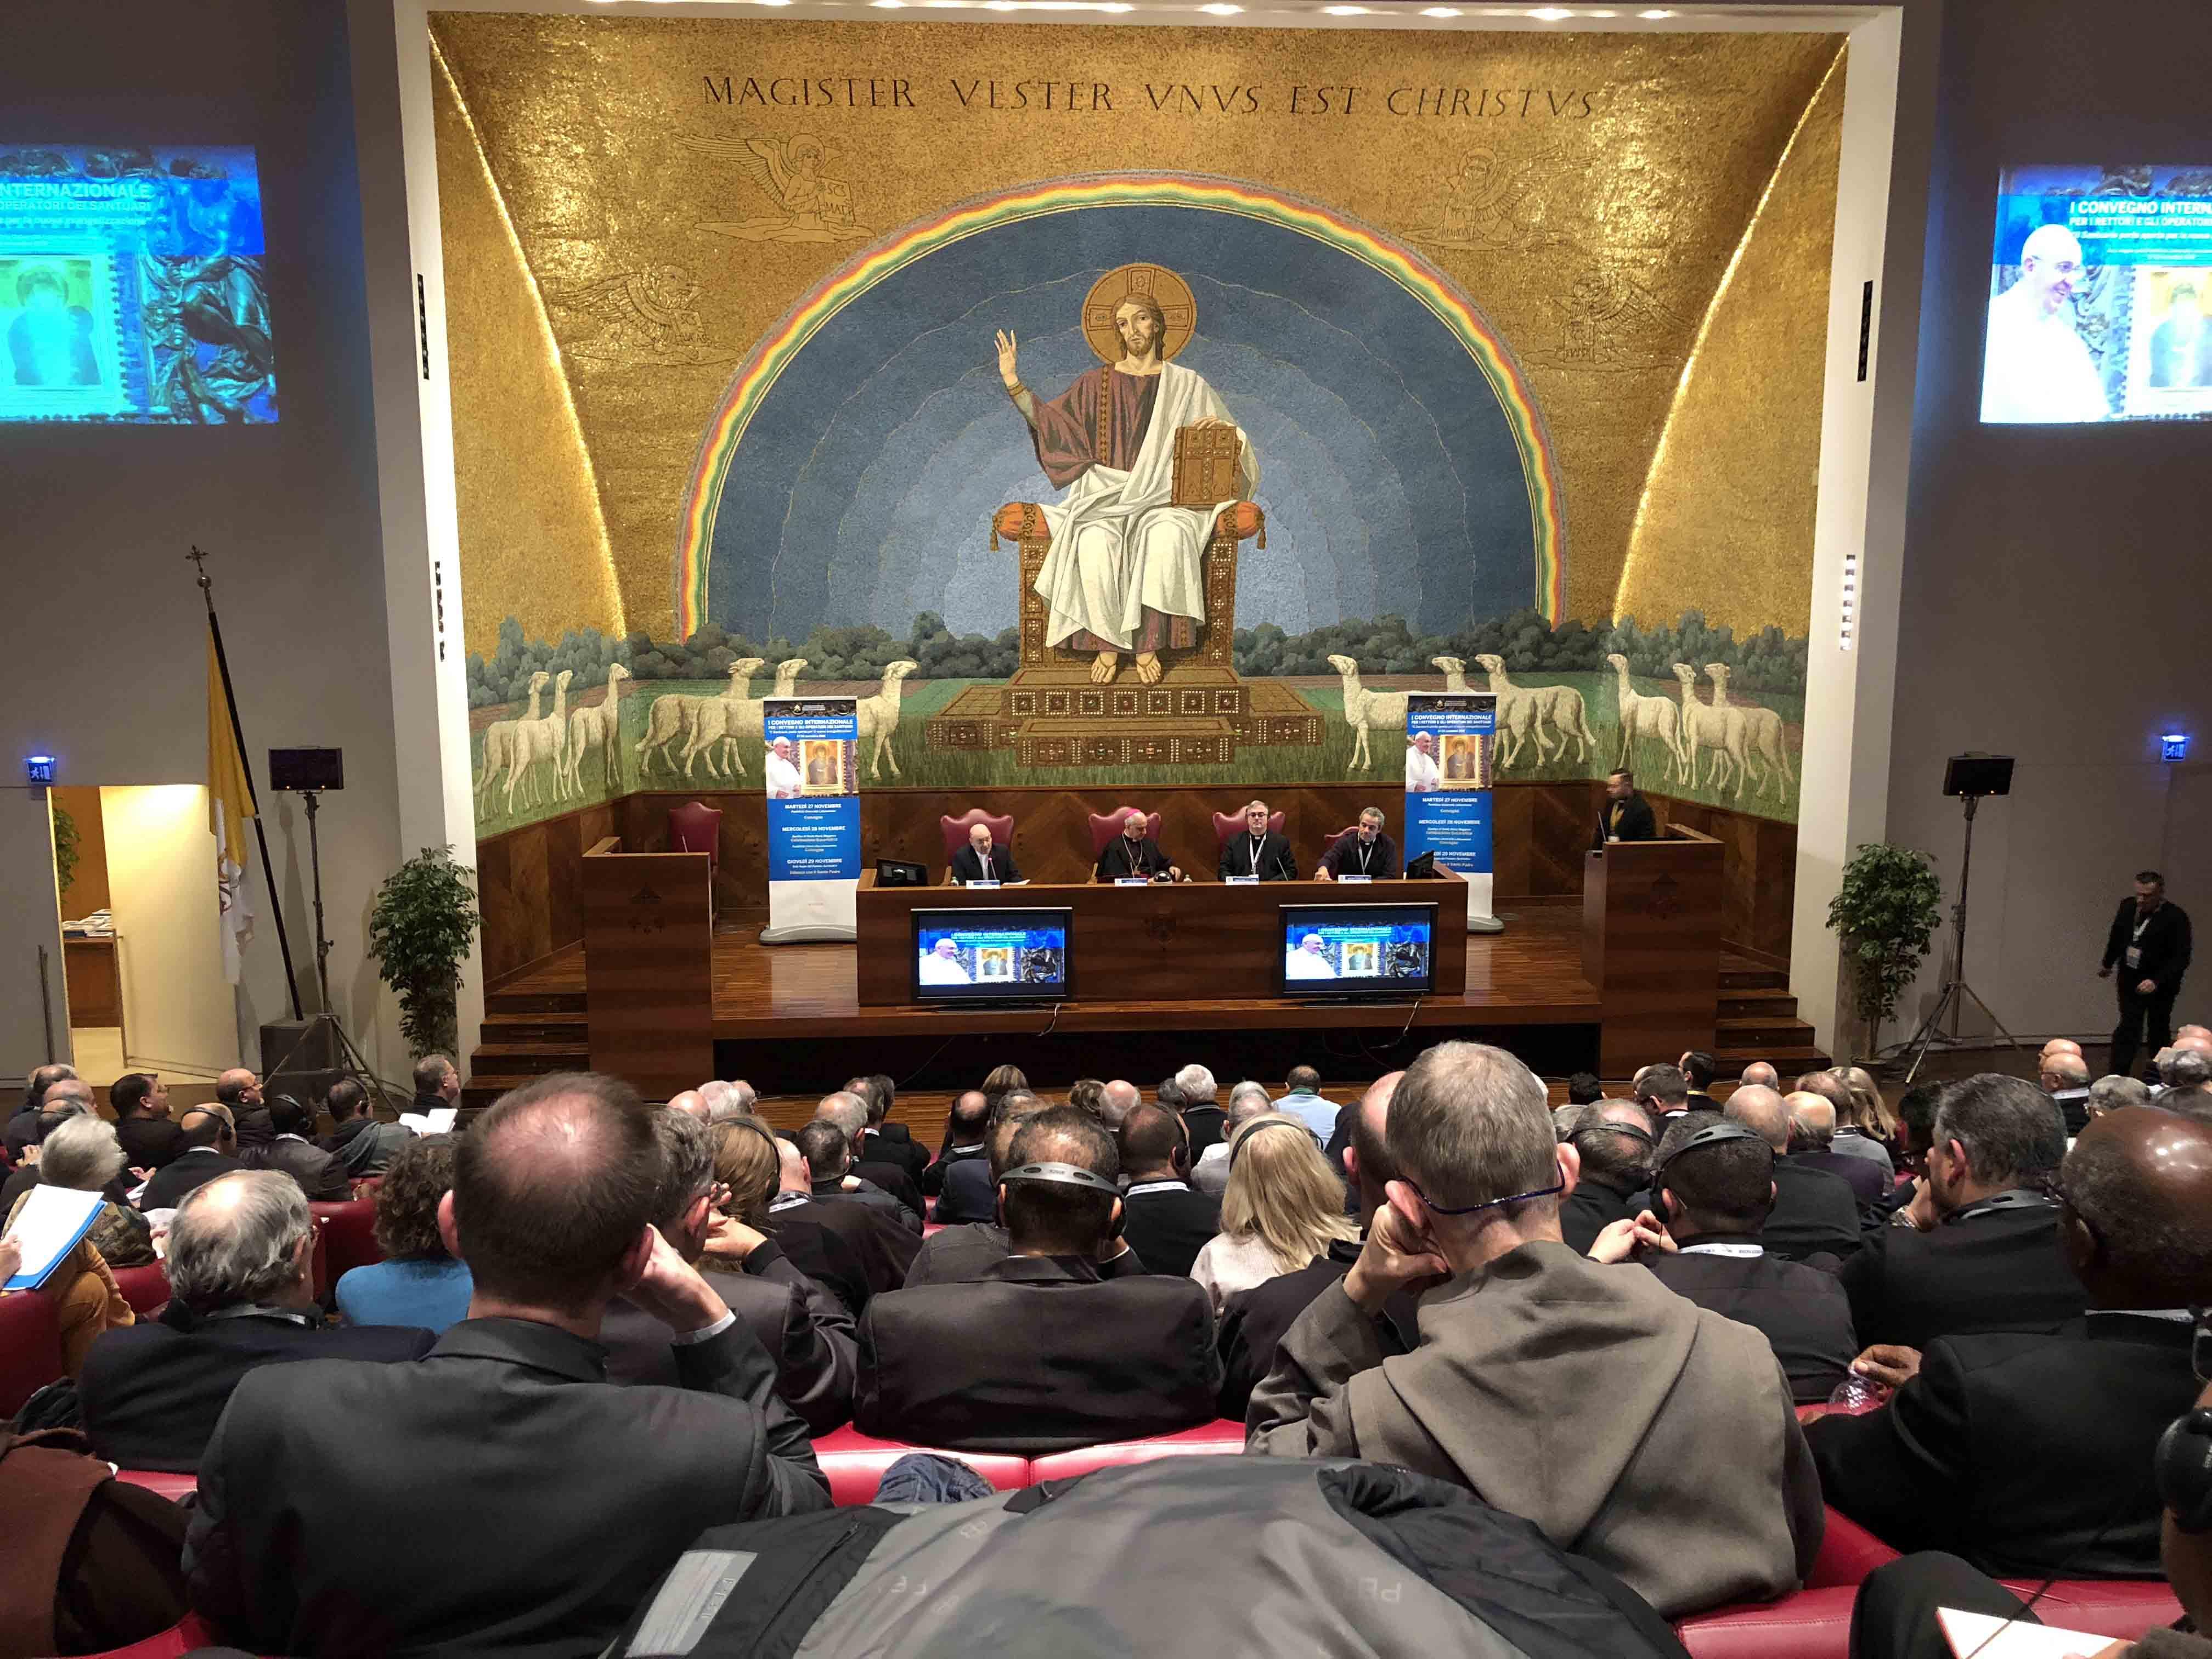 Mehr als 550 Wallfahrtsdirektoren trafen sich vergangenen Woche zu einem Kongress in der Lateranuniversität in Rom. (Foto: Erwin Reichart)